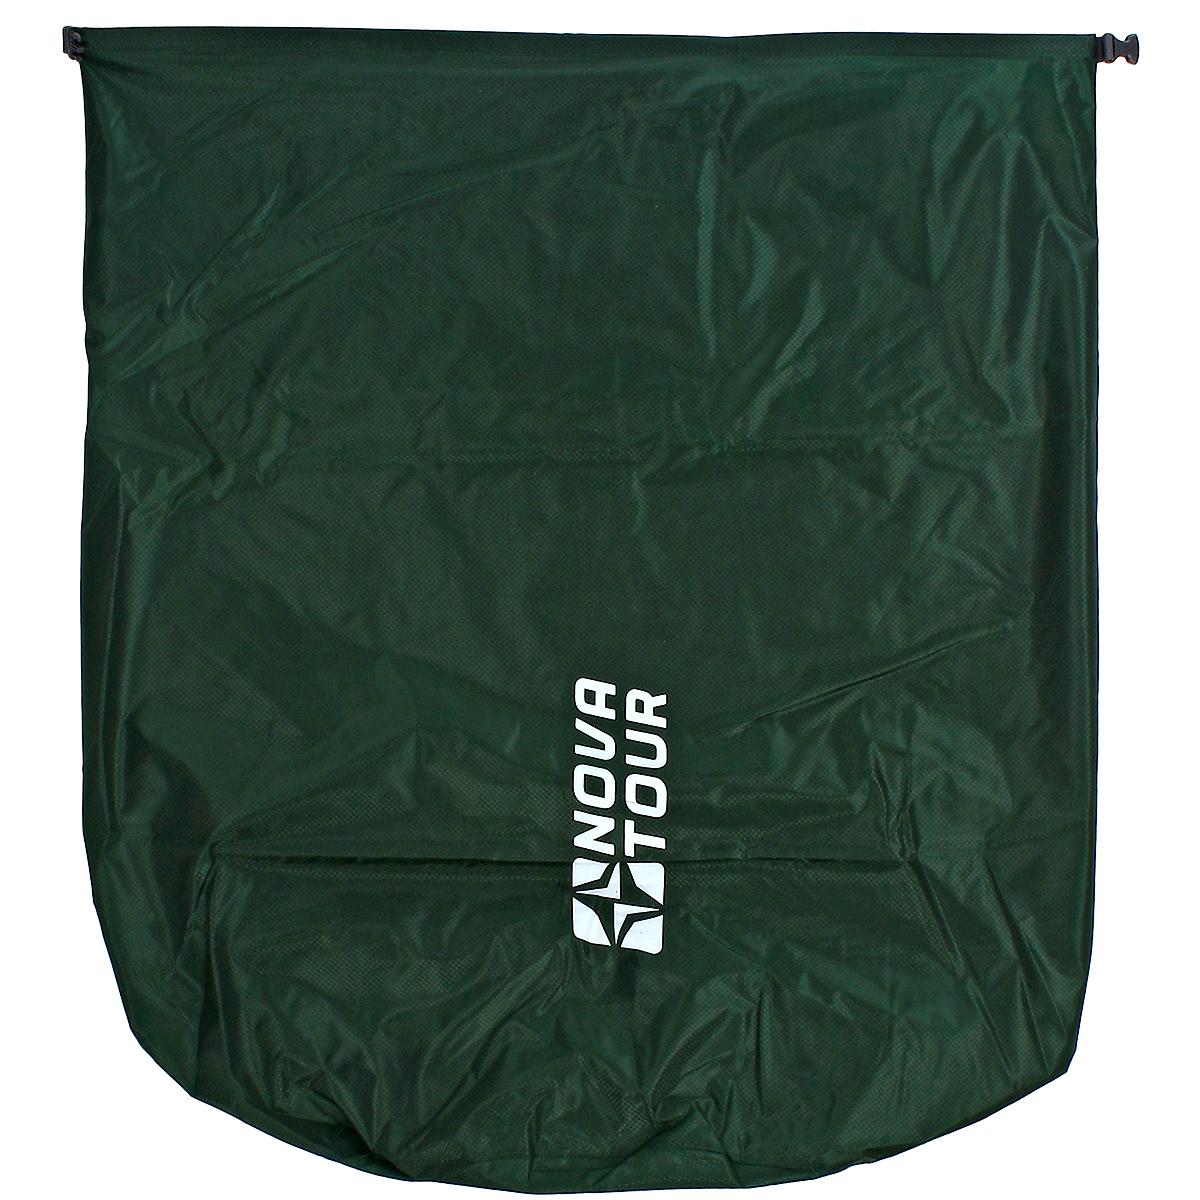 Гермомешок Nova Tour Лайтпак 100, цвет: зеленый, 100 л95154-302-00Легкий и прочный гермомешок NOVA TOUR Лайтпак 100, изготовленный из водонепроницаемого нейлона, это надежная защита рюкзака от непогоды. Гермомешок - это 100% защита ваших вещей от воды. Легкий и компактный, он складывается в специальную упаковку, которая легко крепится на любую стропу рюкзака. Все швы гермомешка проклеены. Материал мешка: 100% водонепроницаемый нейлон. Материал застежек: технический пластик Duraflex. Объем: 100 л. Размеры мешка в разложенном виде (ДхШ): 96 см х 78 см.